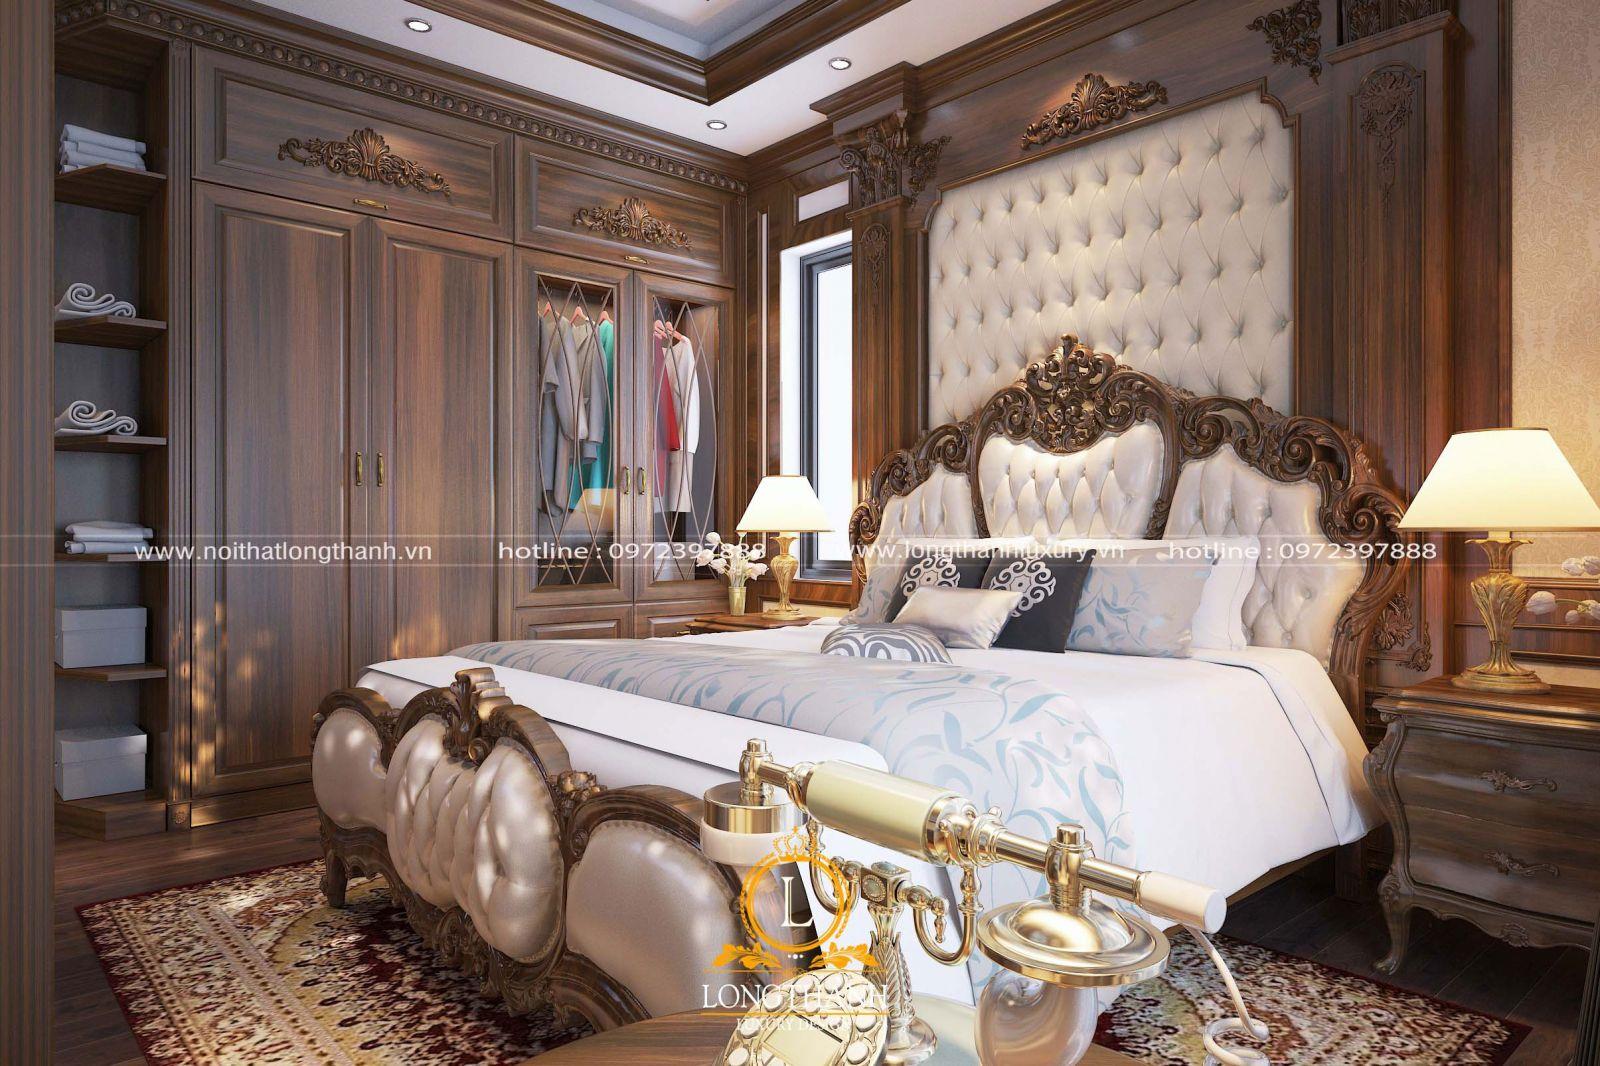 Bộ giường tủ phòng ngủ tân cổ điển luôn là hạng mục quan trọng